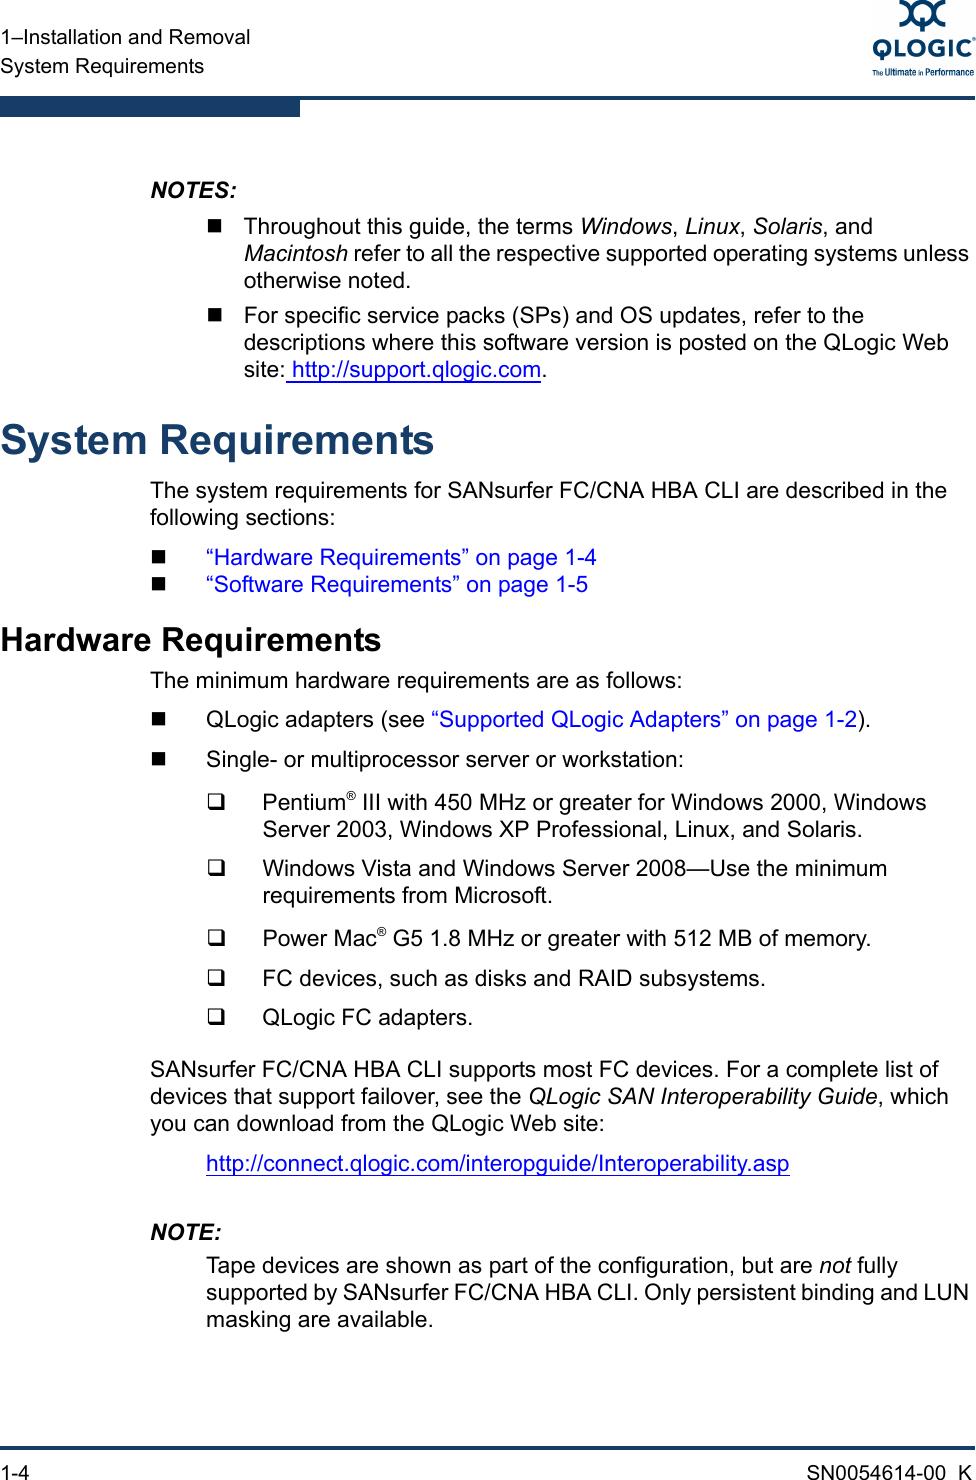 Q Logic Fc Users Manual SANsurfer FC/CNA HBA CLI User's Guide